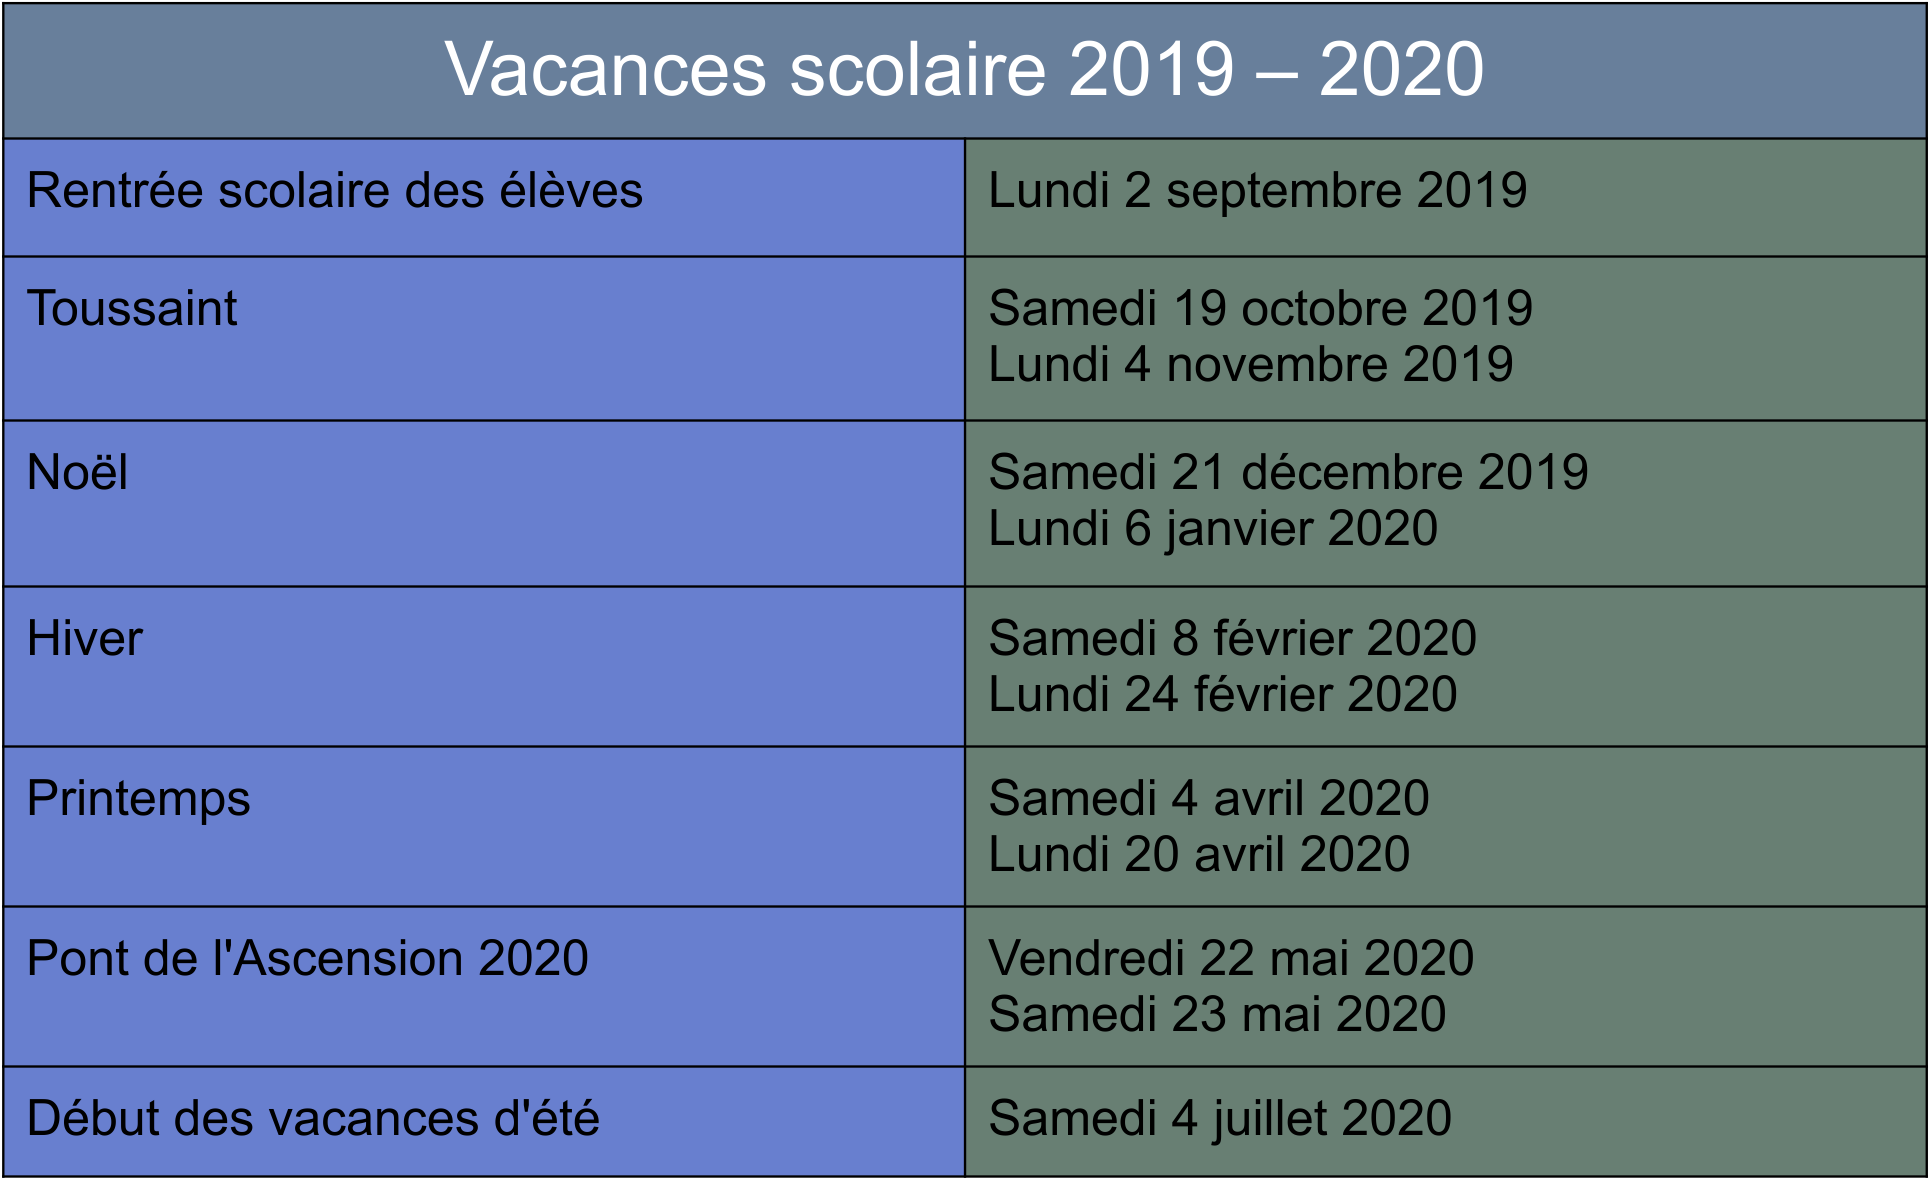 Calendrier Des Vacances Scolaires 2020 2019.Calendrier Des Vacances Scolaires 2019 2020 Fcpe Saint Denis